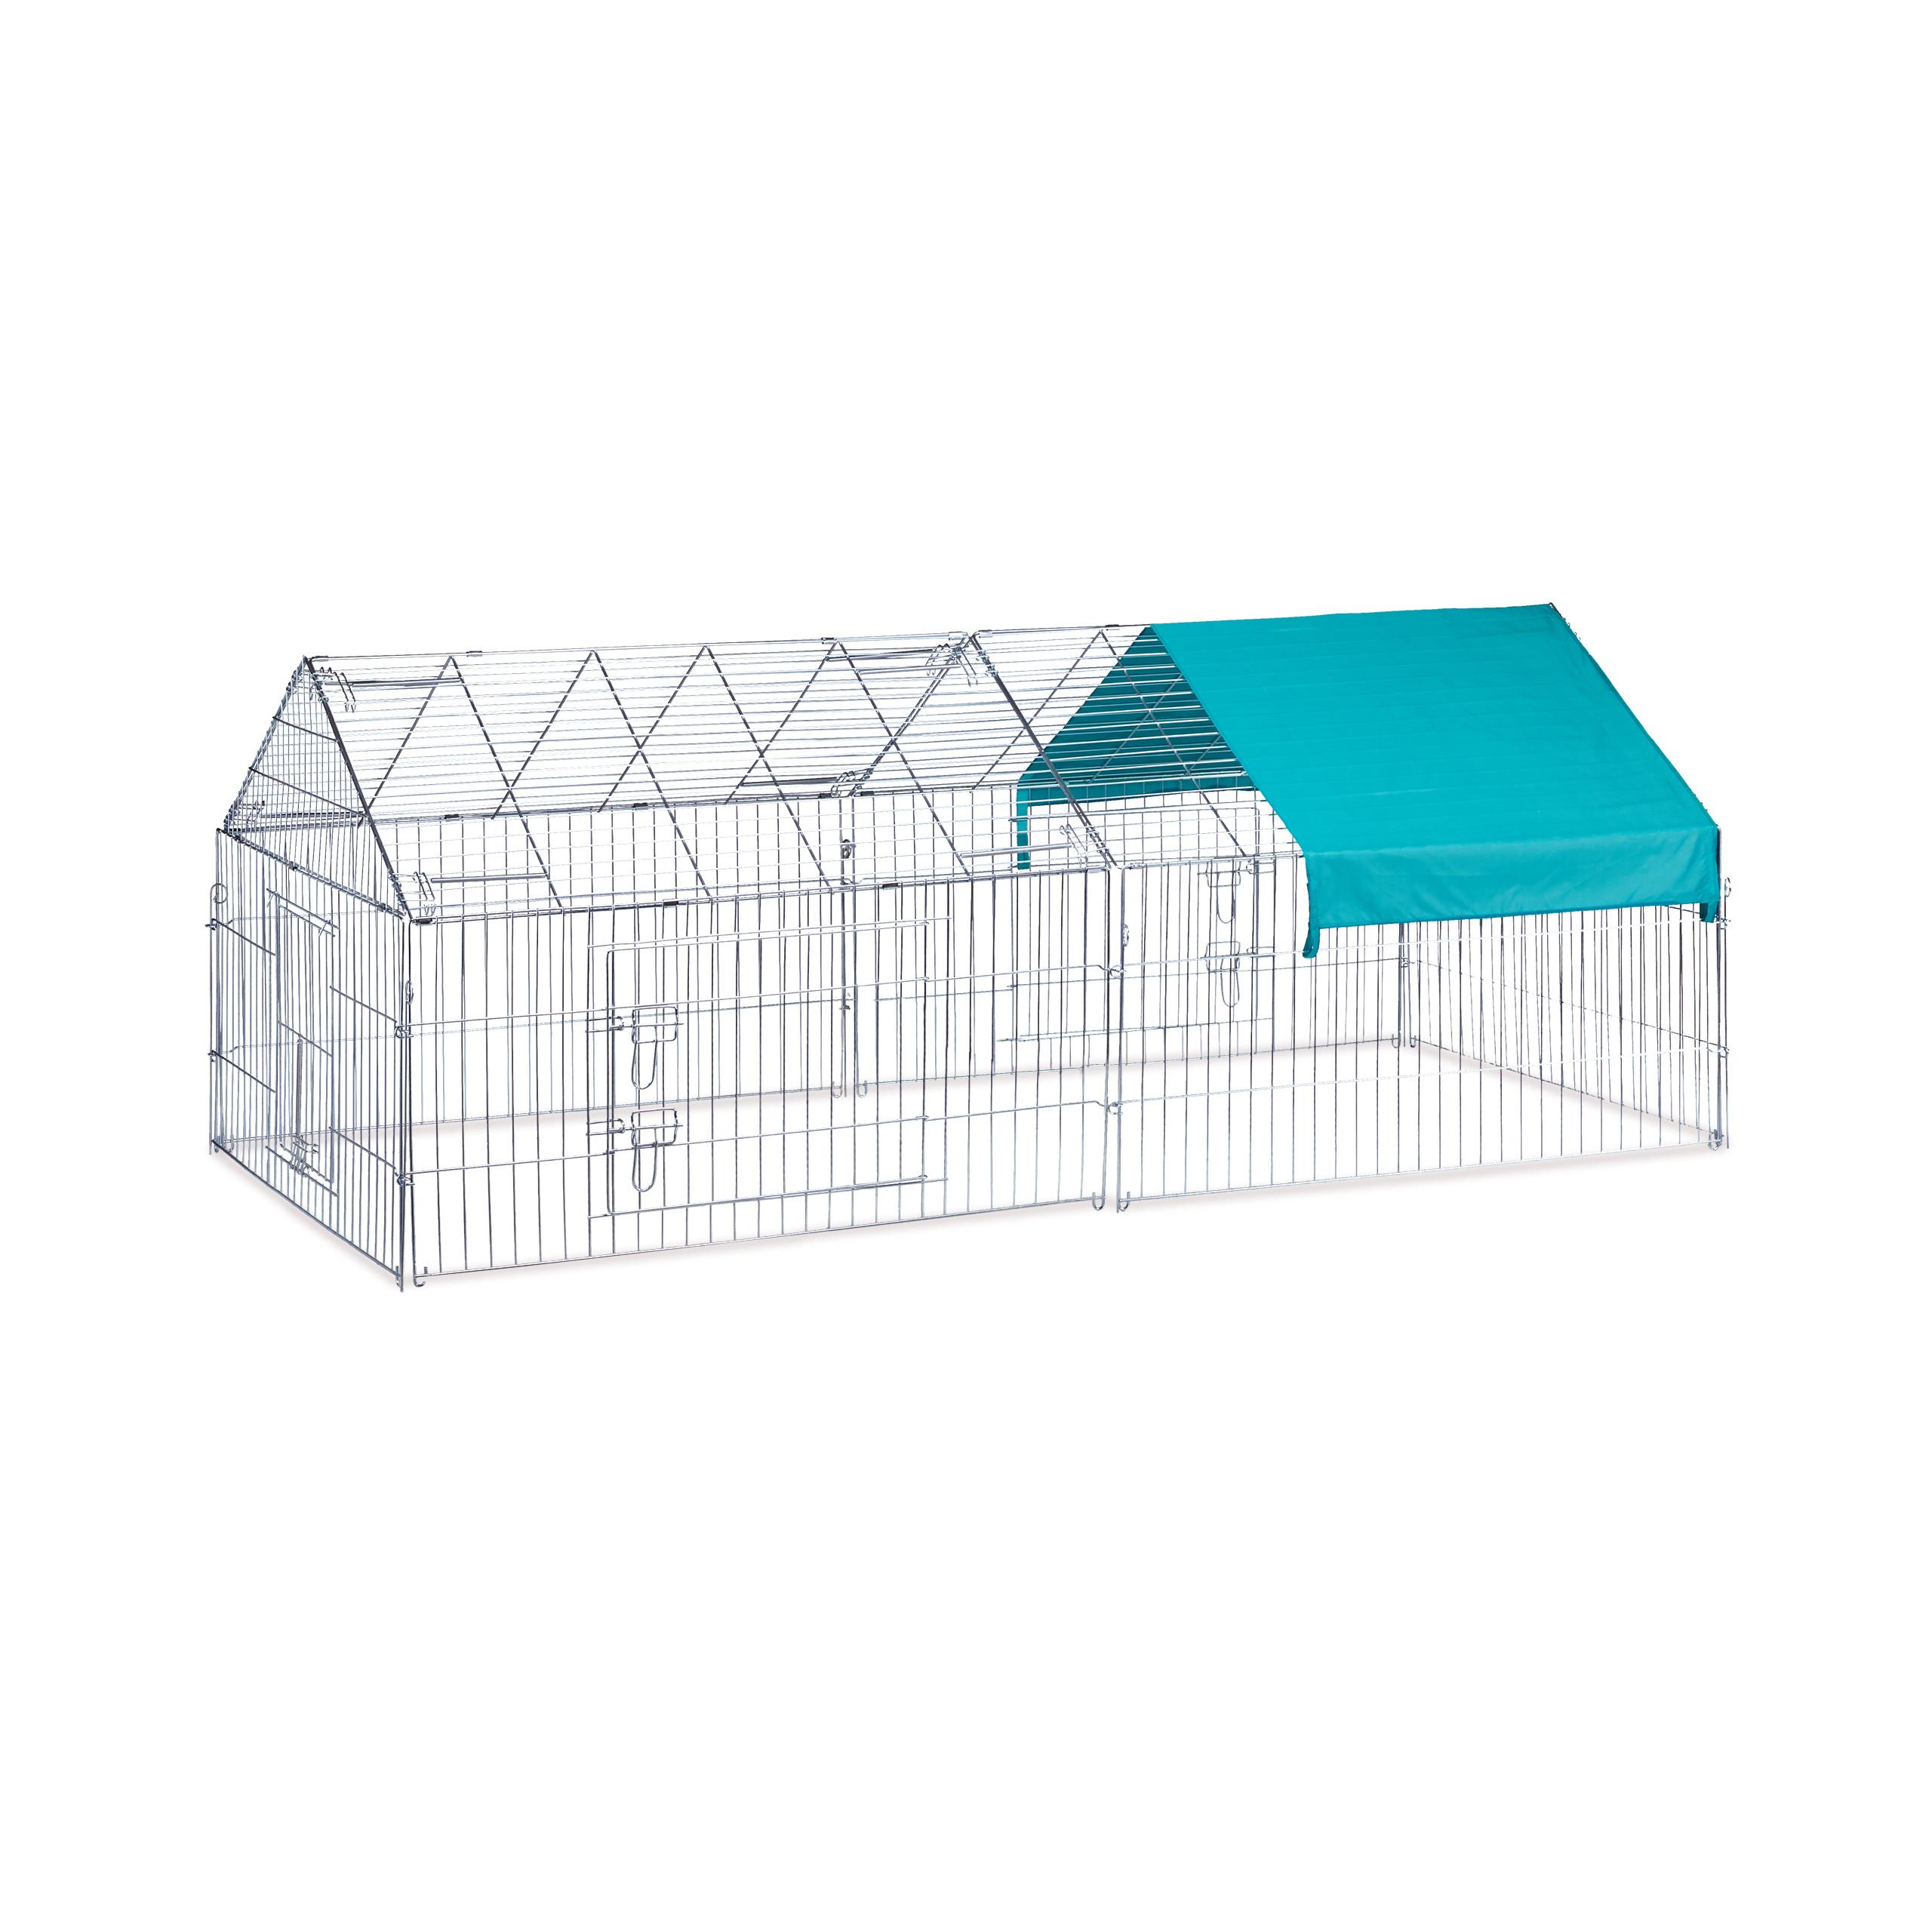 Freilaufgehege-Kaninchen-Huhner-Freigehege-Hasengehege-Huhnerauslauf-220cm-Stahl miniatuur 6